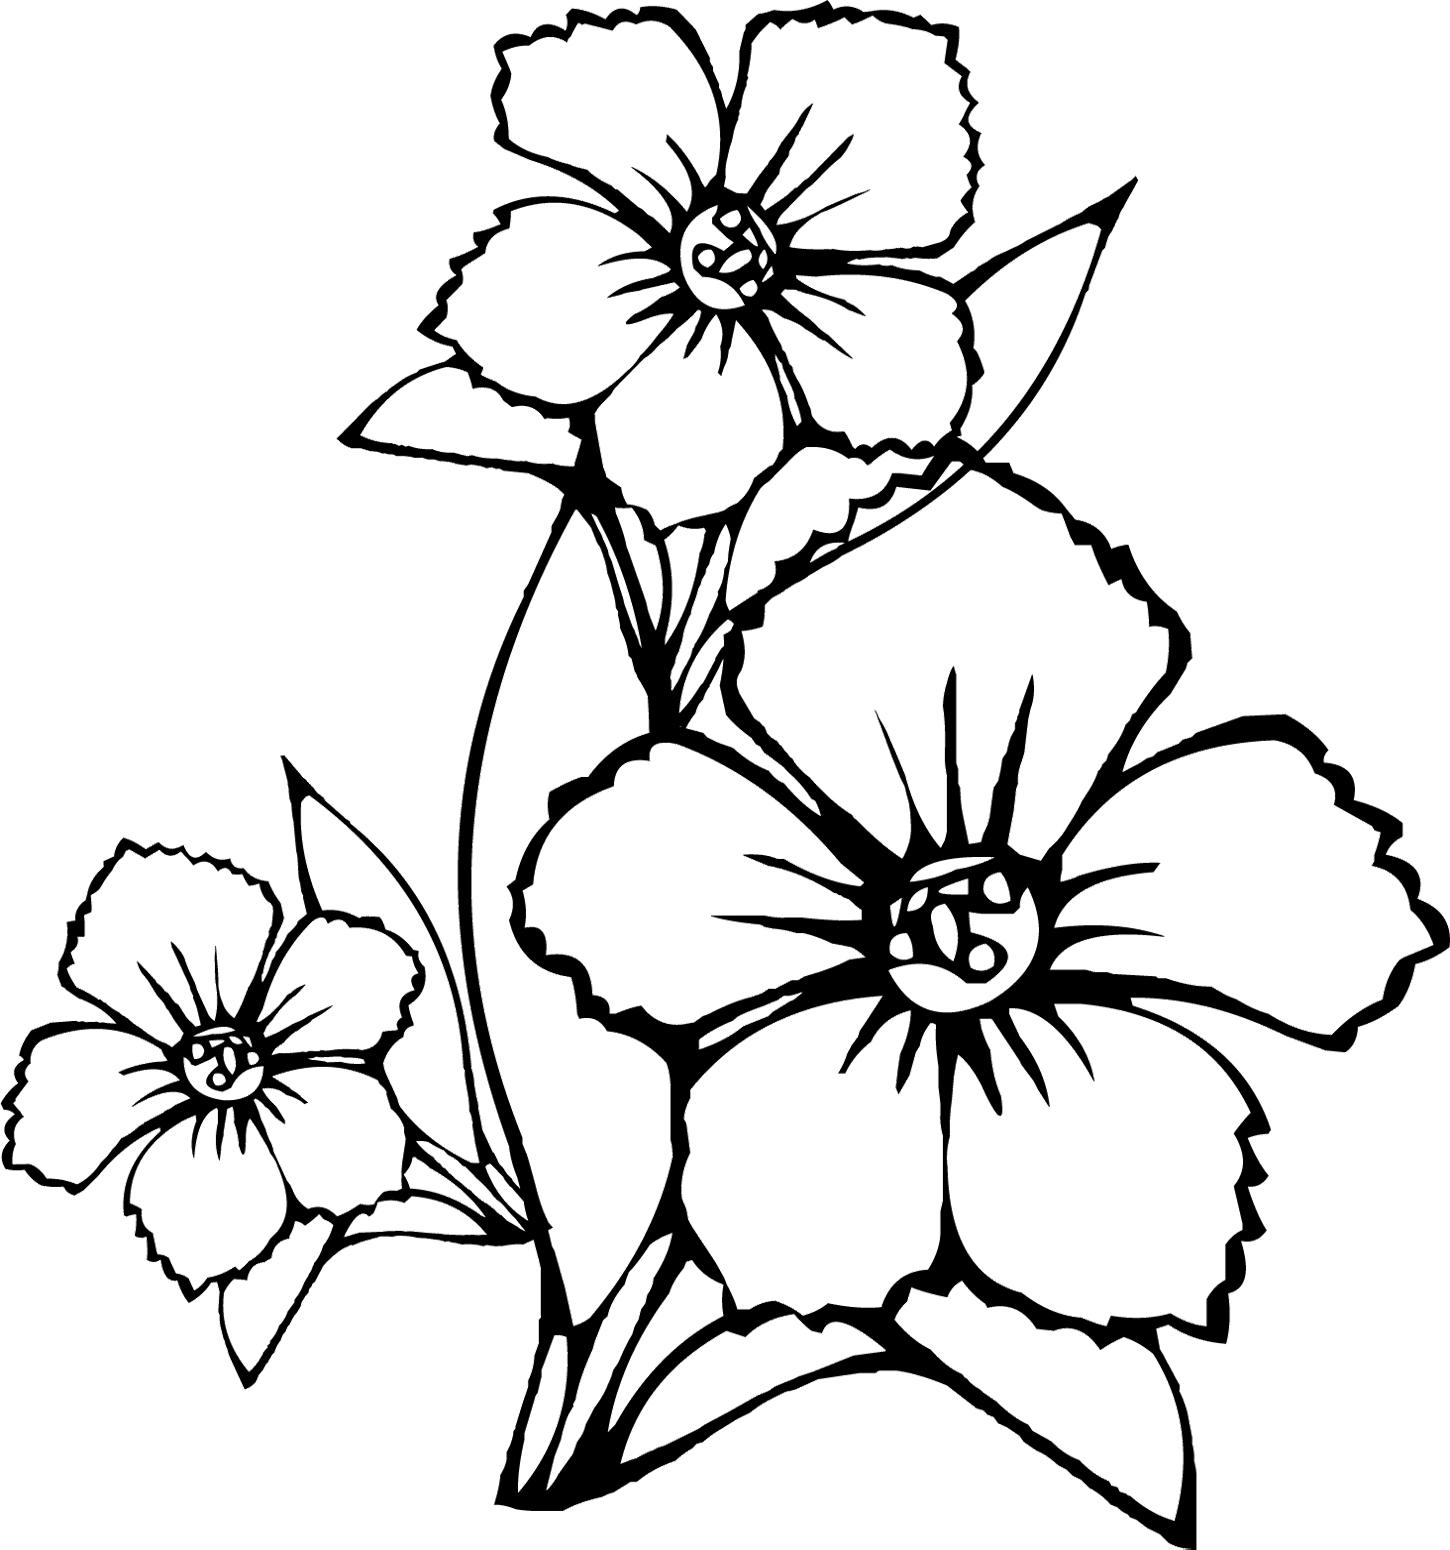 Tranh tô màu về hoa đào